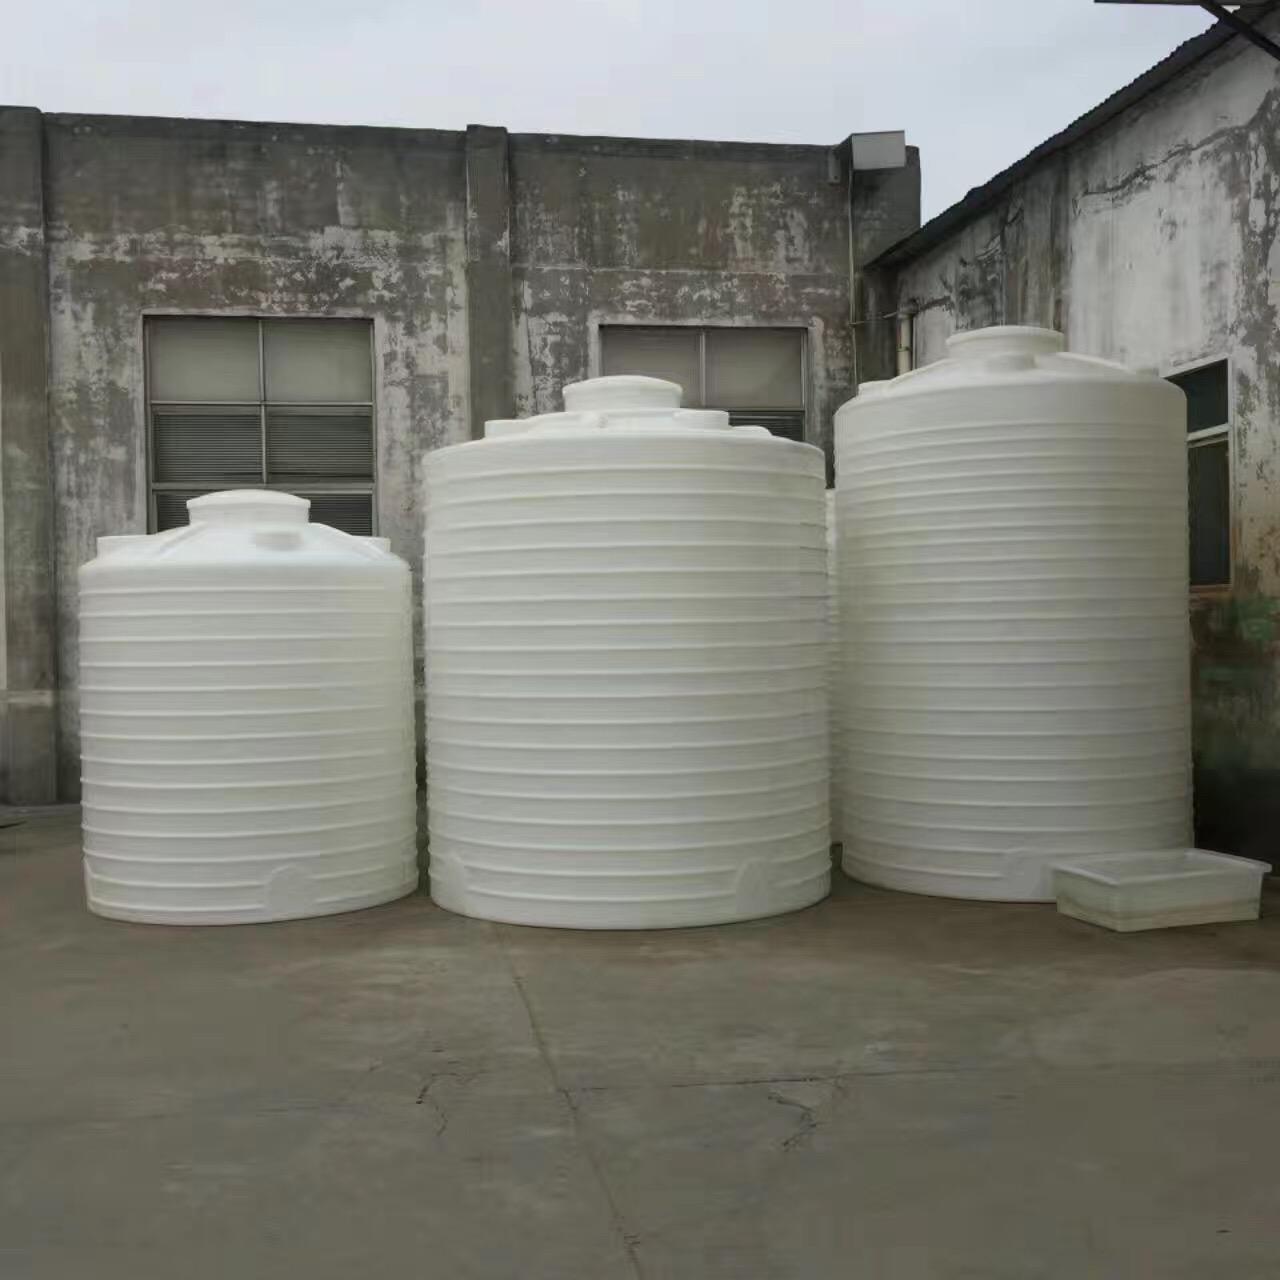 直供食品级塑料水箱 全新塑料水箱 PE水箱 塑料水桶